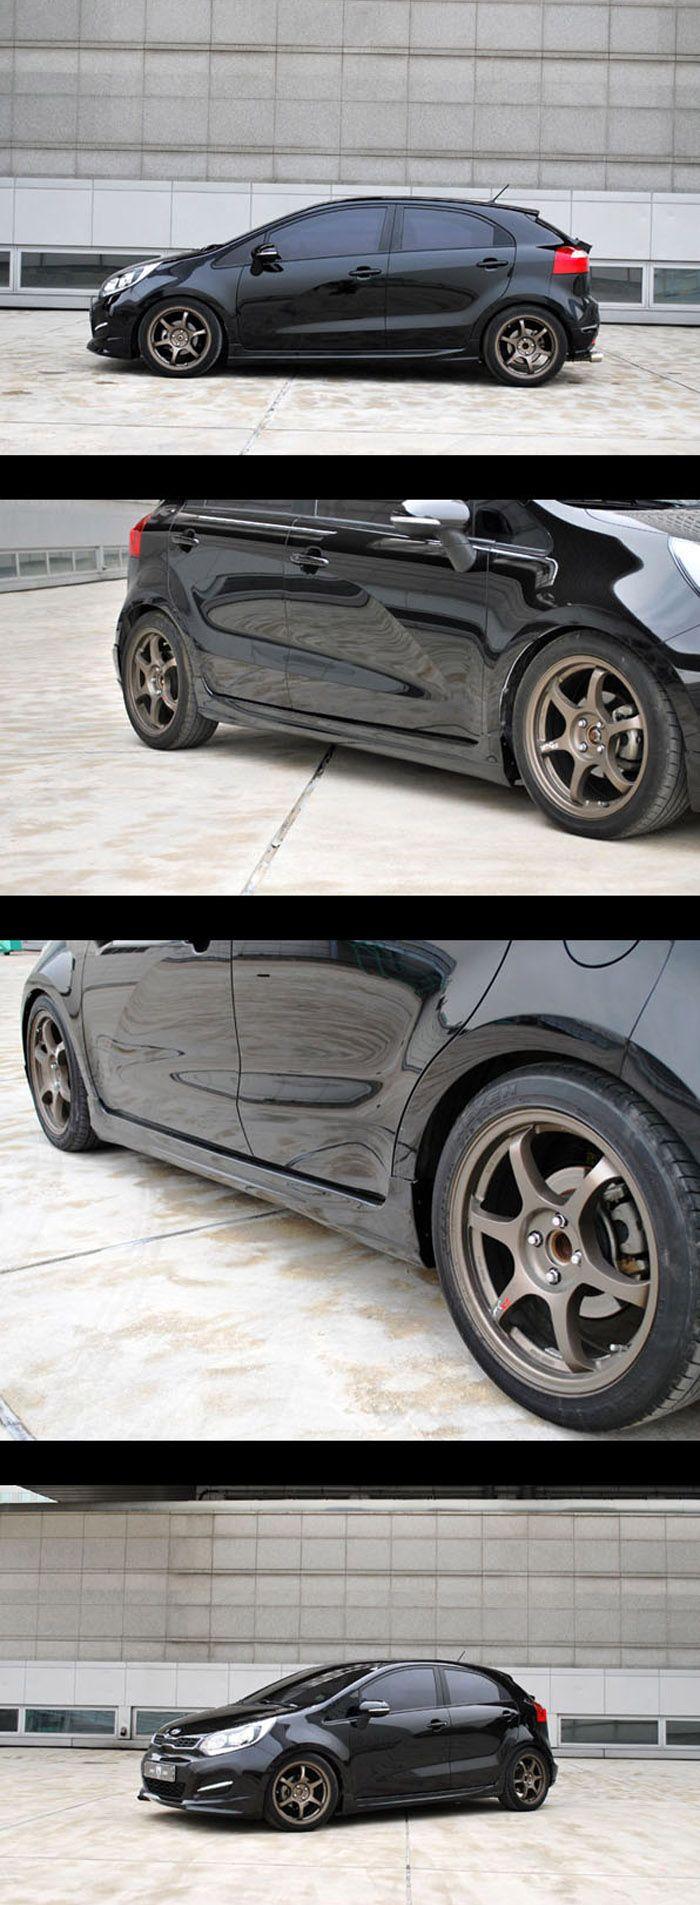 kia rio with body kit google search kia rio kia ds automobiles pinterest